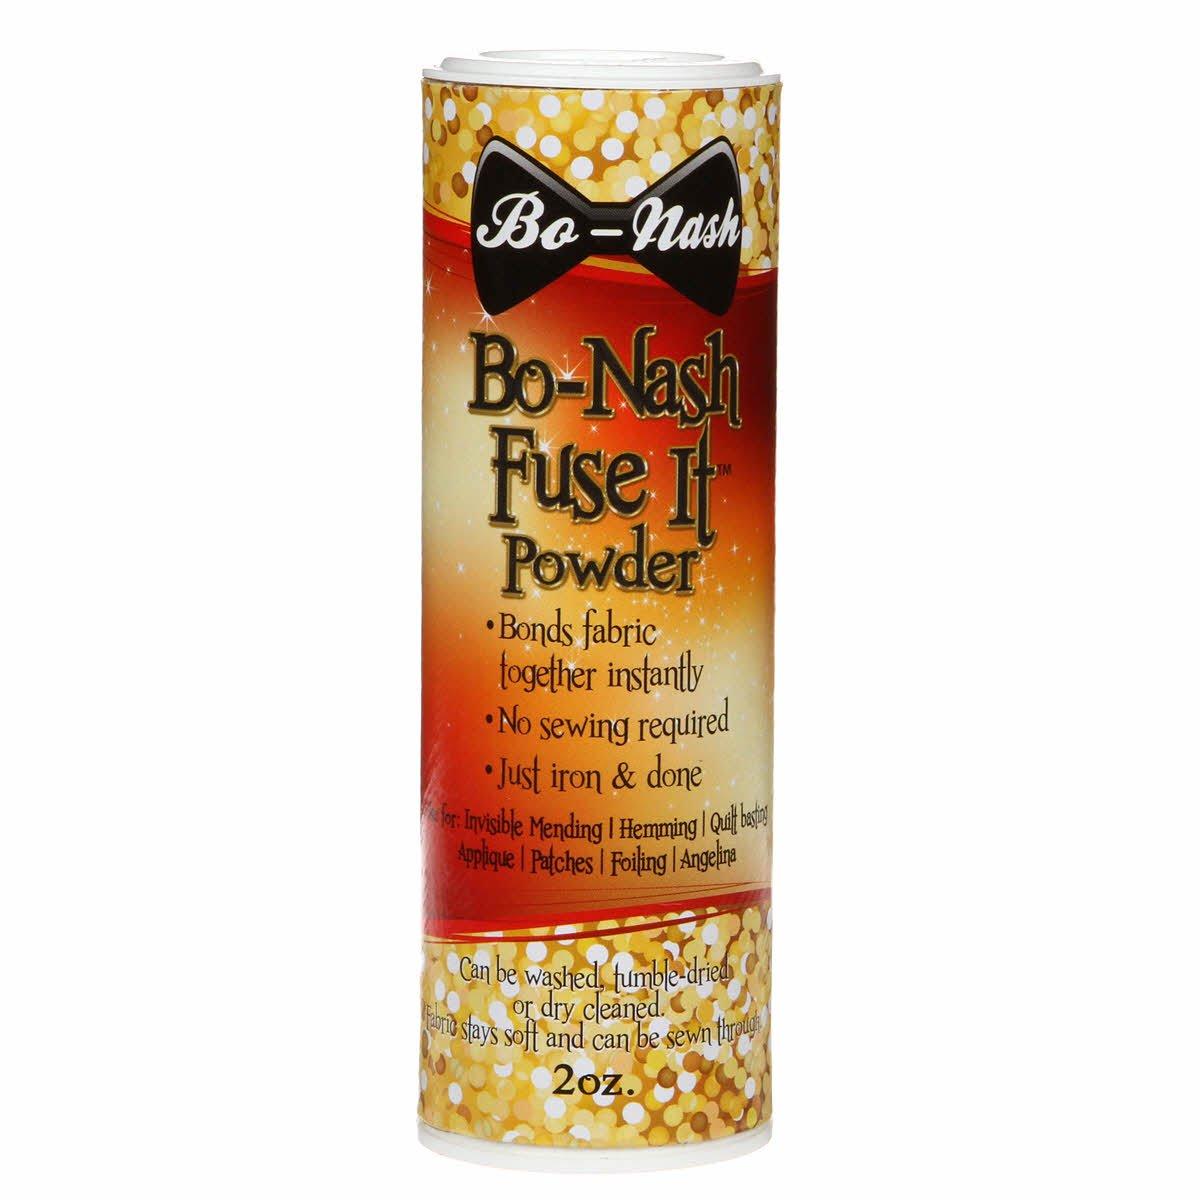 Bo-Nash Fuse It Powder